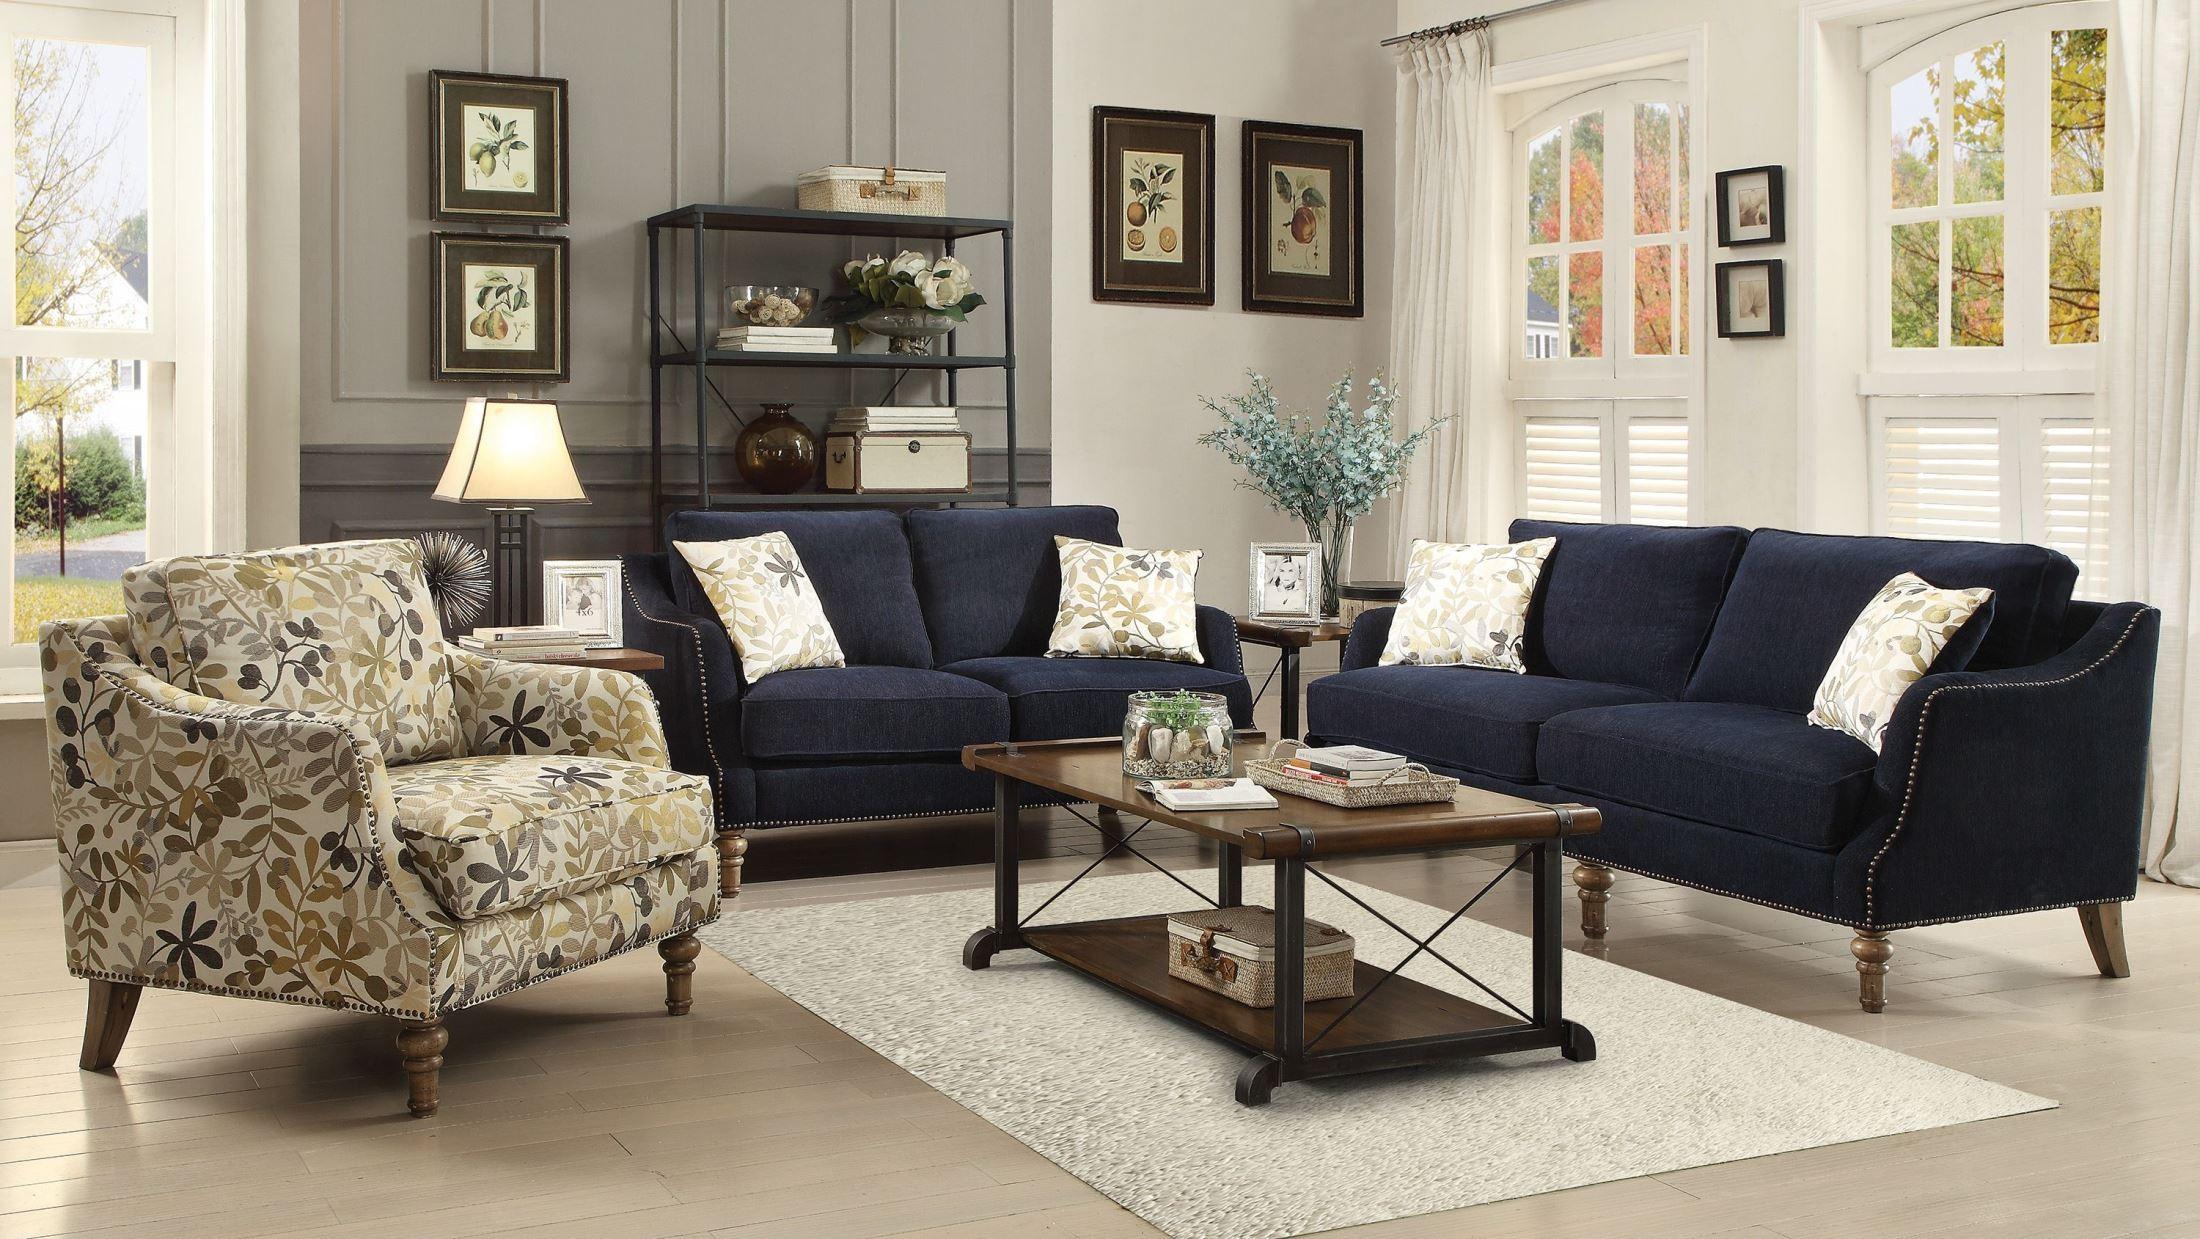 Vessot Ink Blue Living Room Set From Coaster (505791